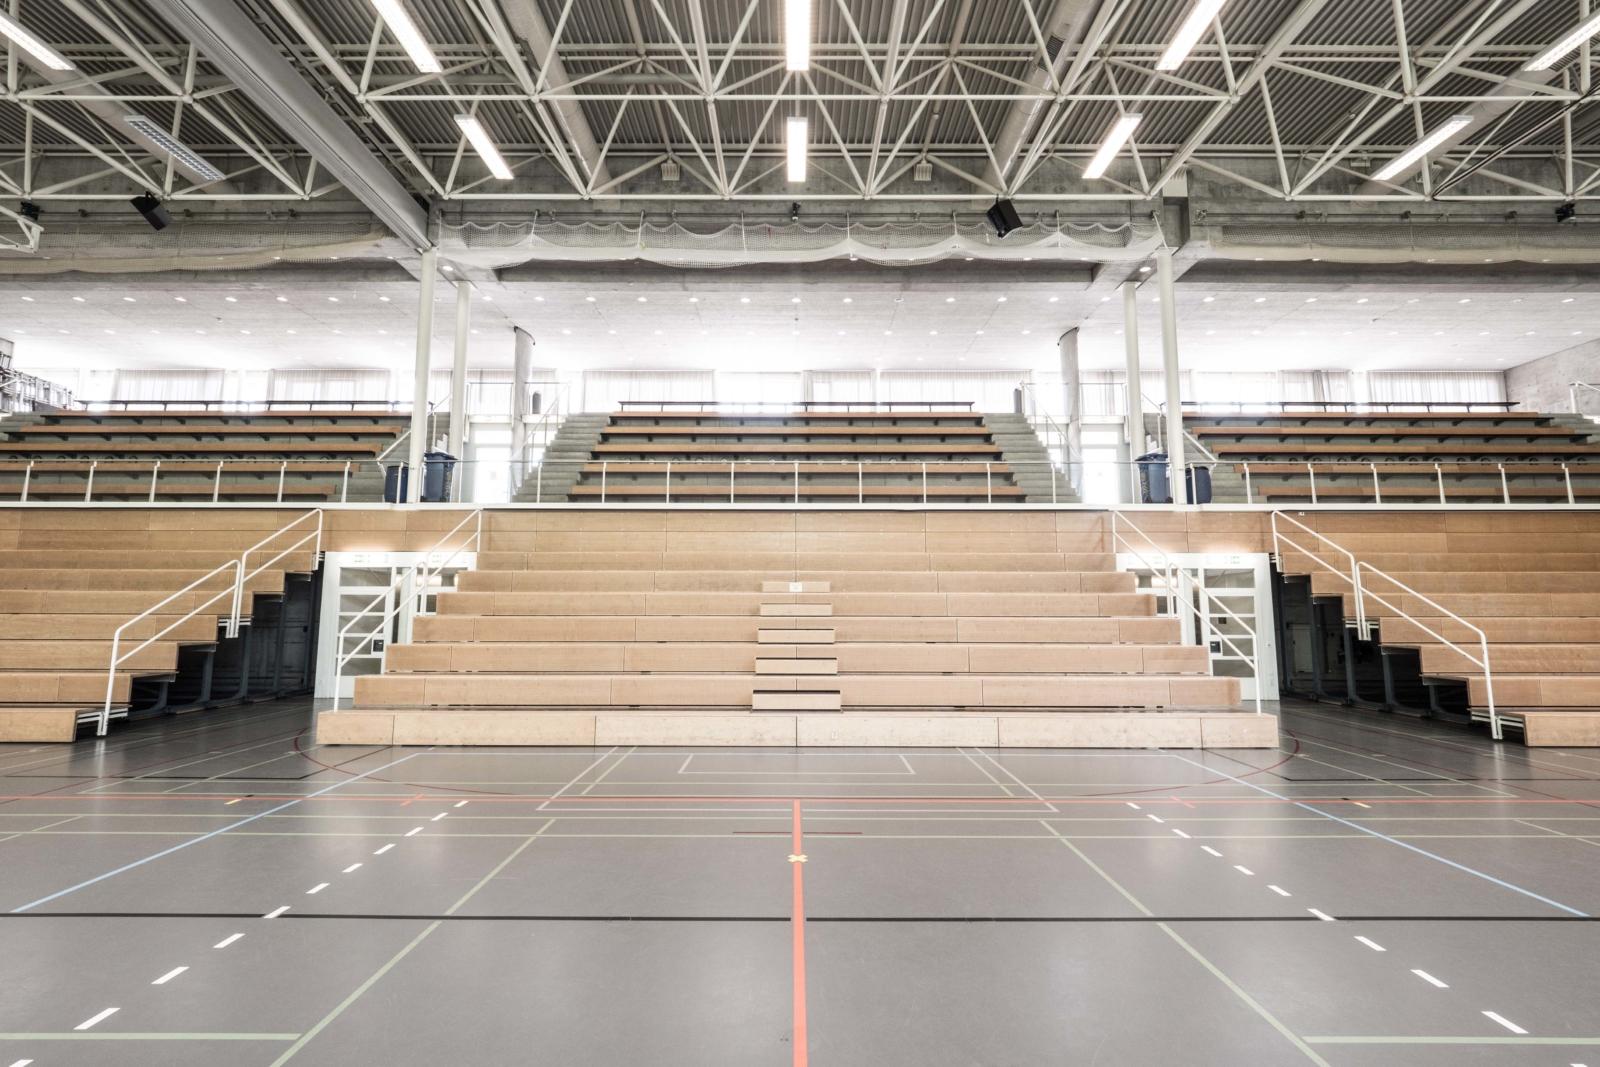 Spiel- und Sporthalle